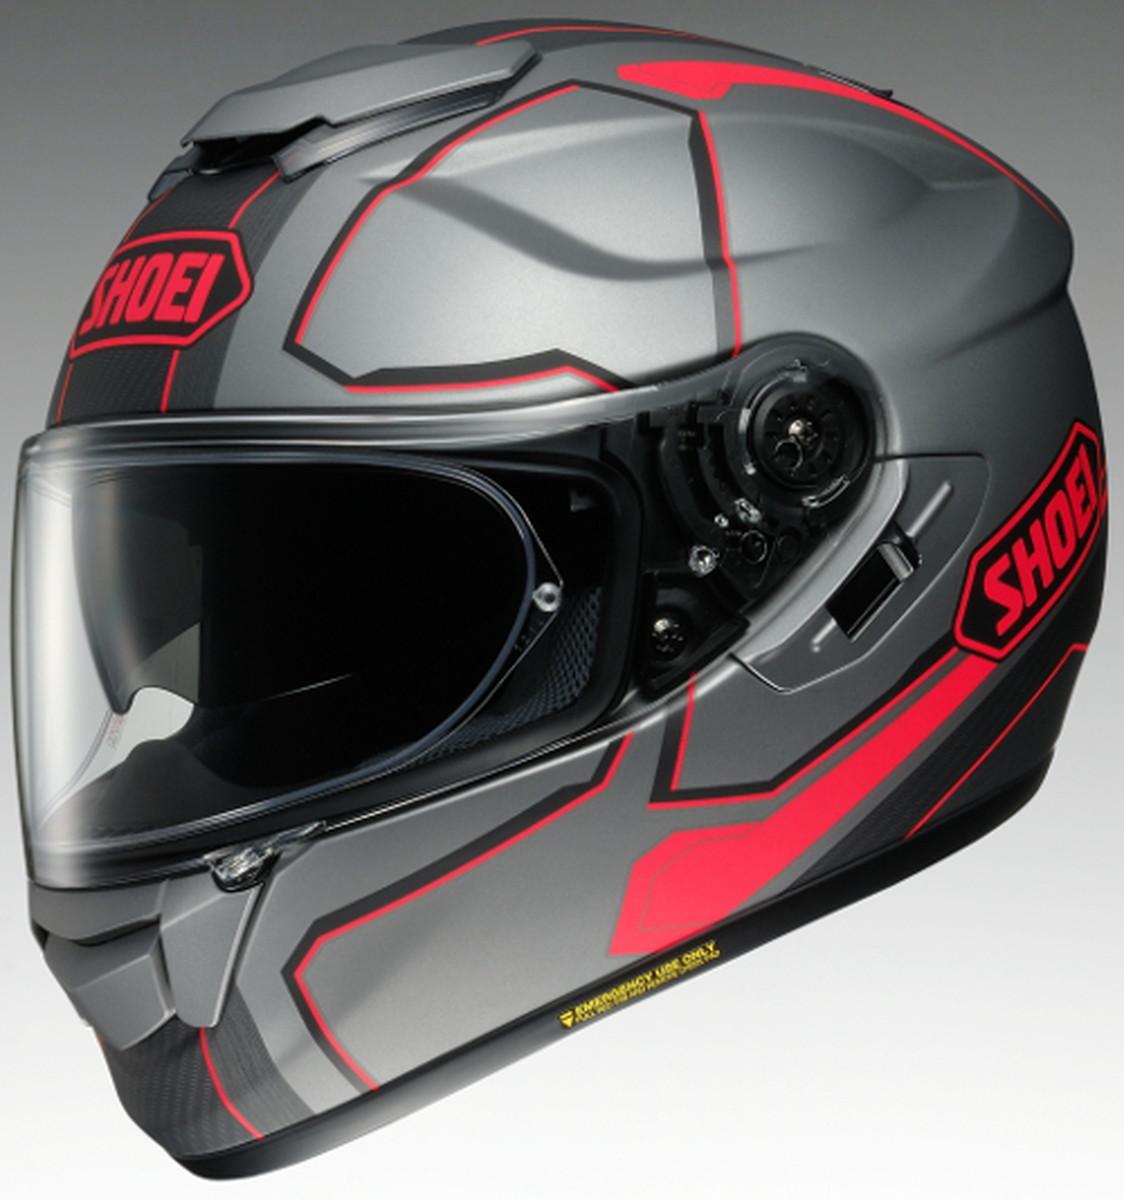 【動画あり】 SHOEI フルフェイスヘルメット GT-AIR PENDULUM (ペンデュラム) TC-10 Sサイズ